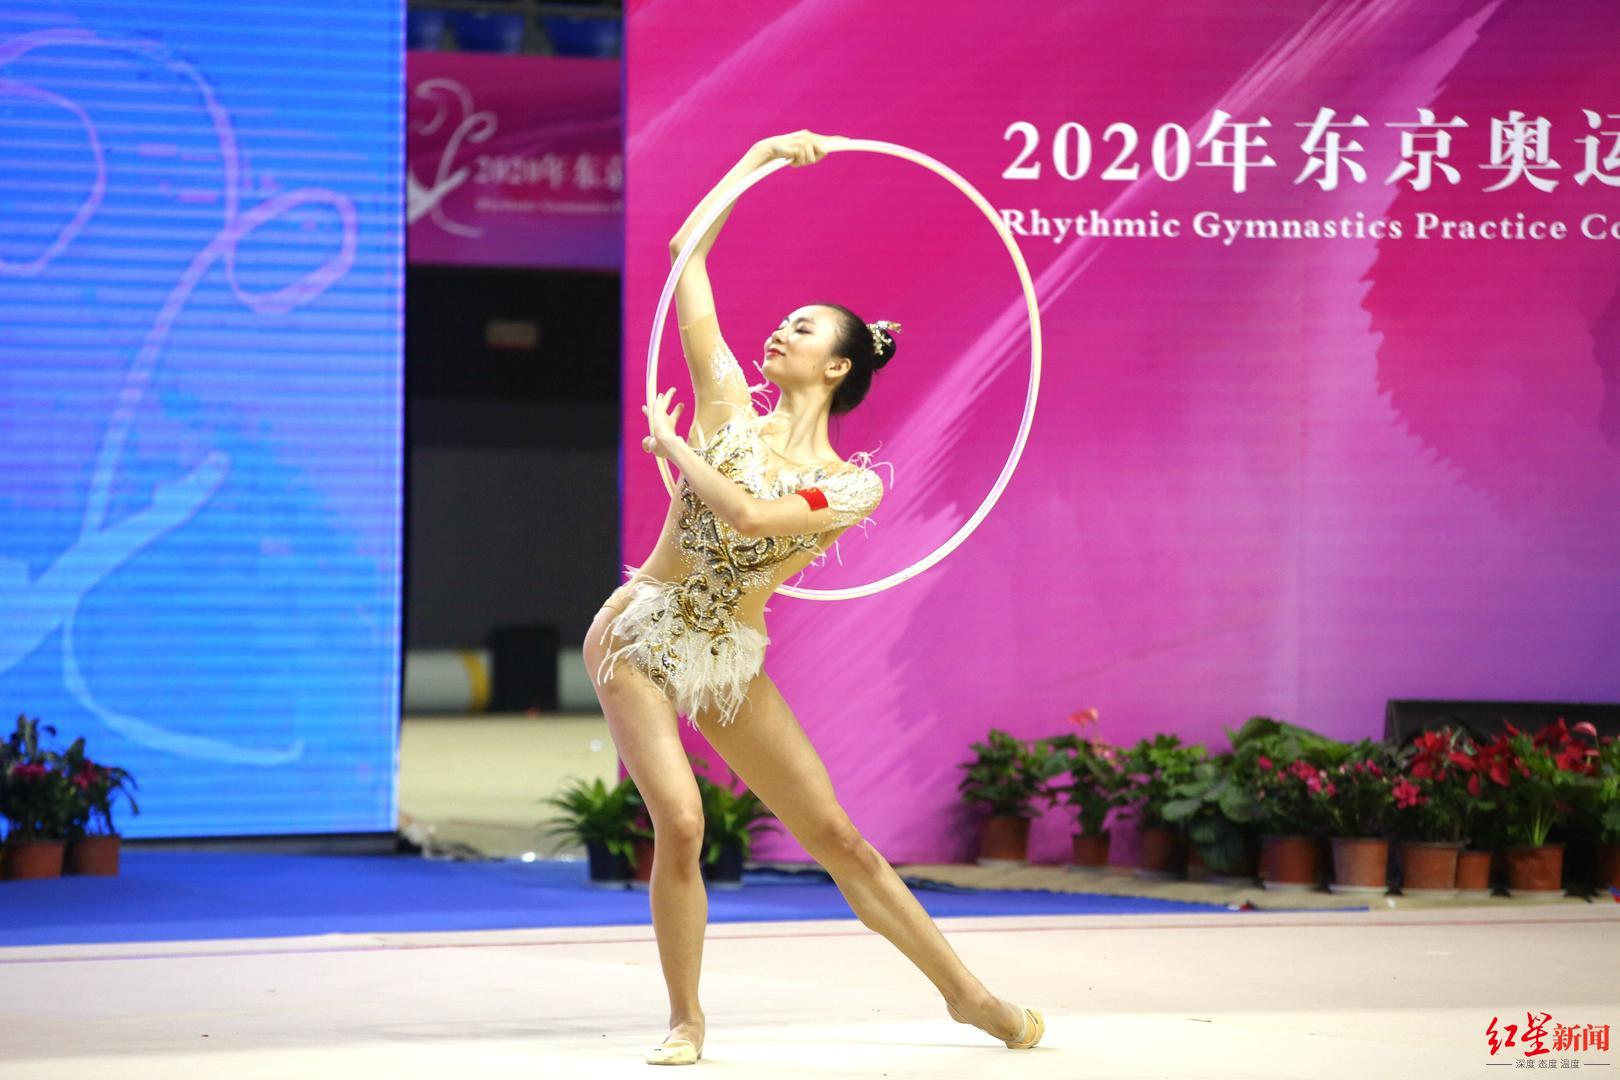 艺术体操奥运模拟赛举行,国家队的两名成都体院姑娘也期待参加大运会